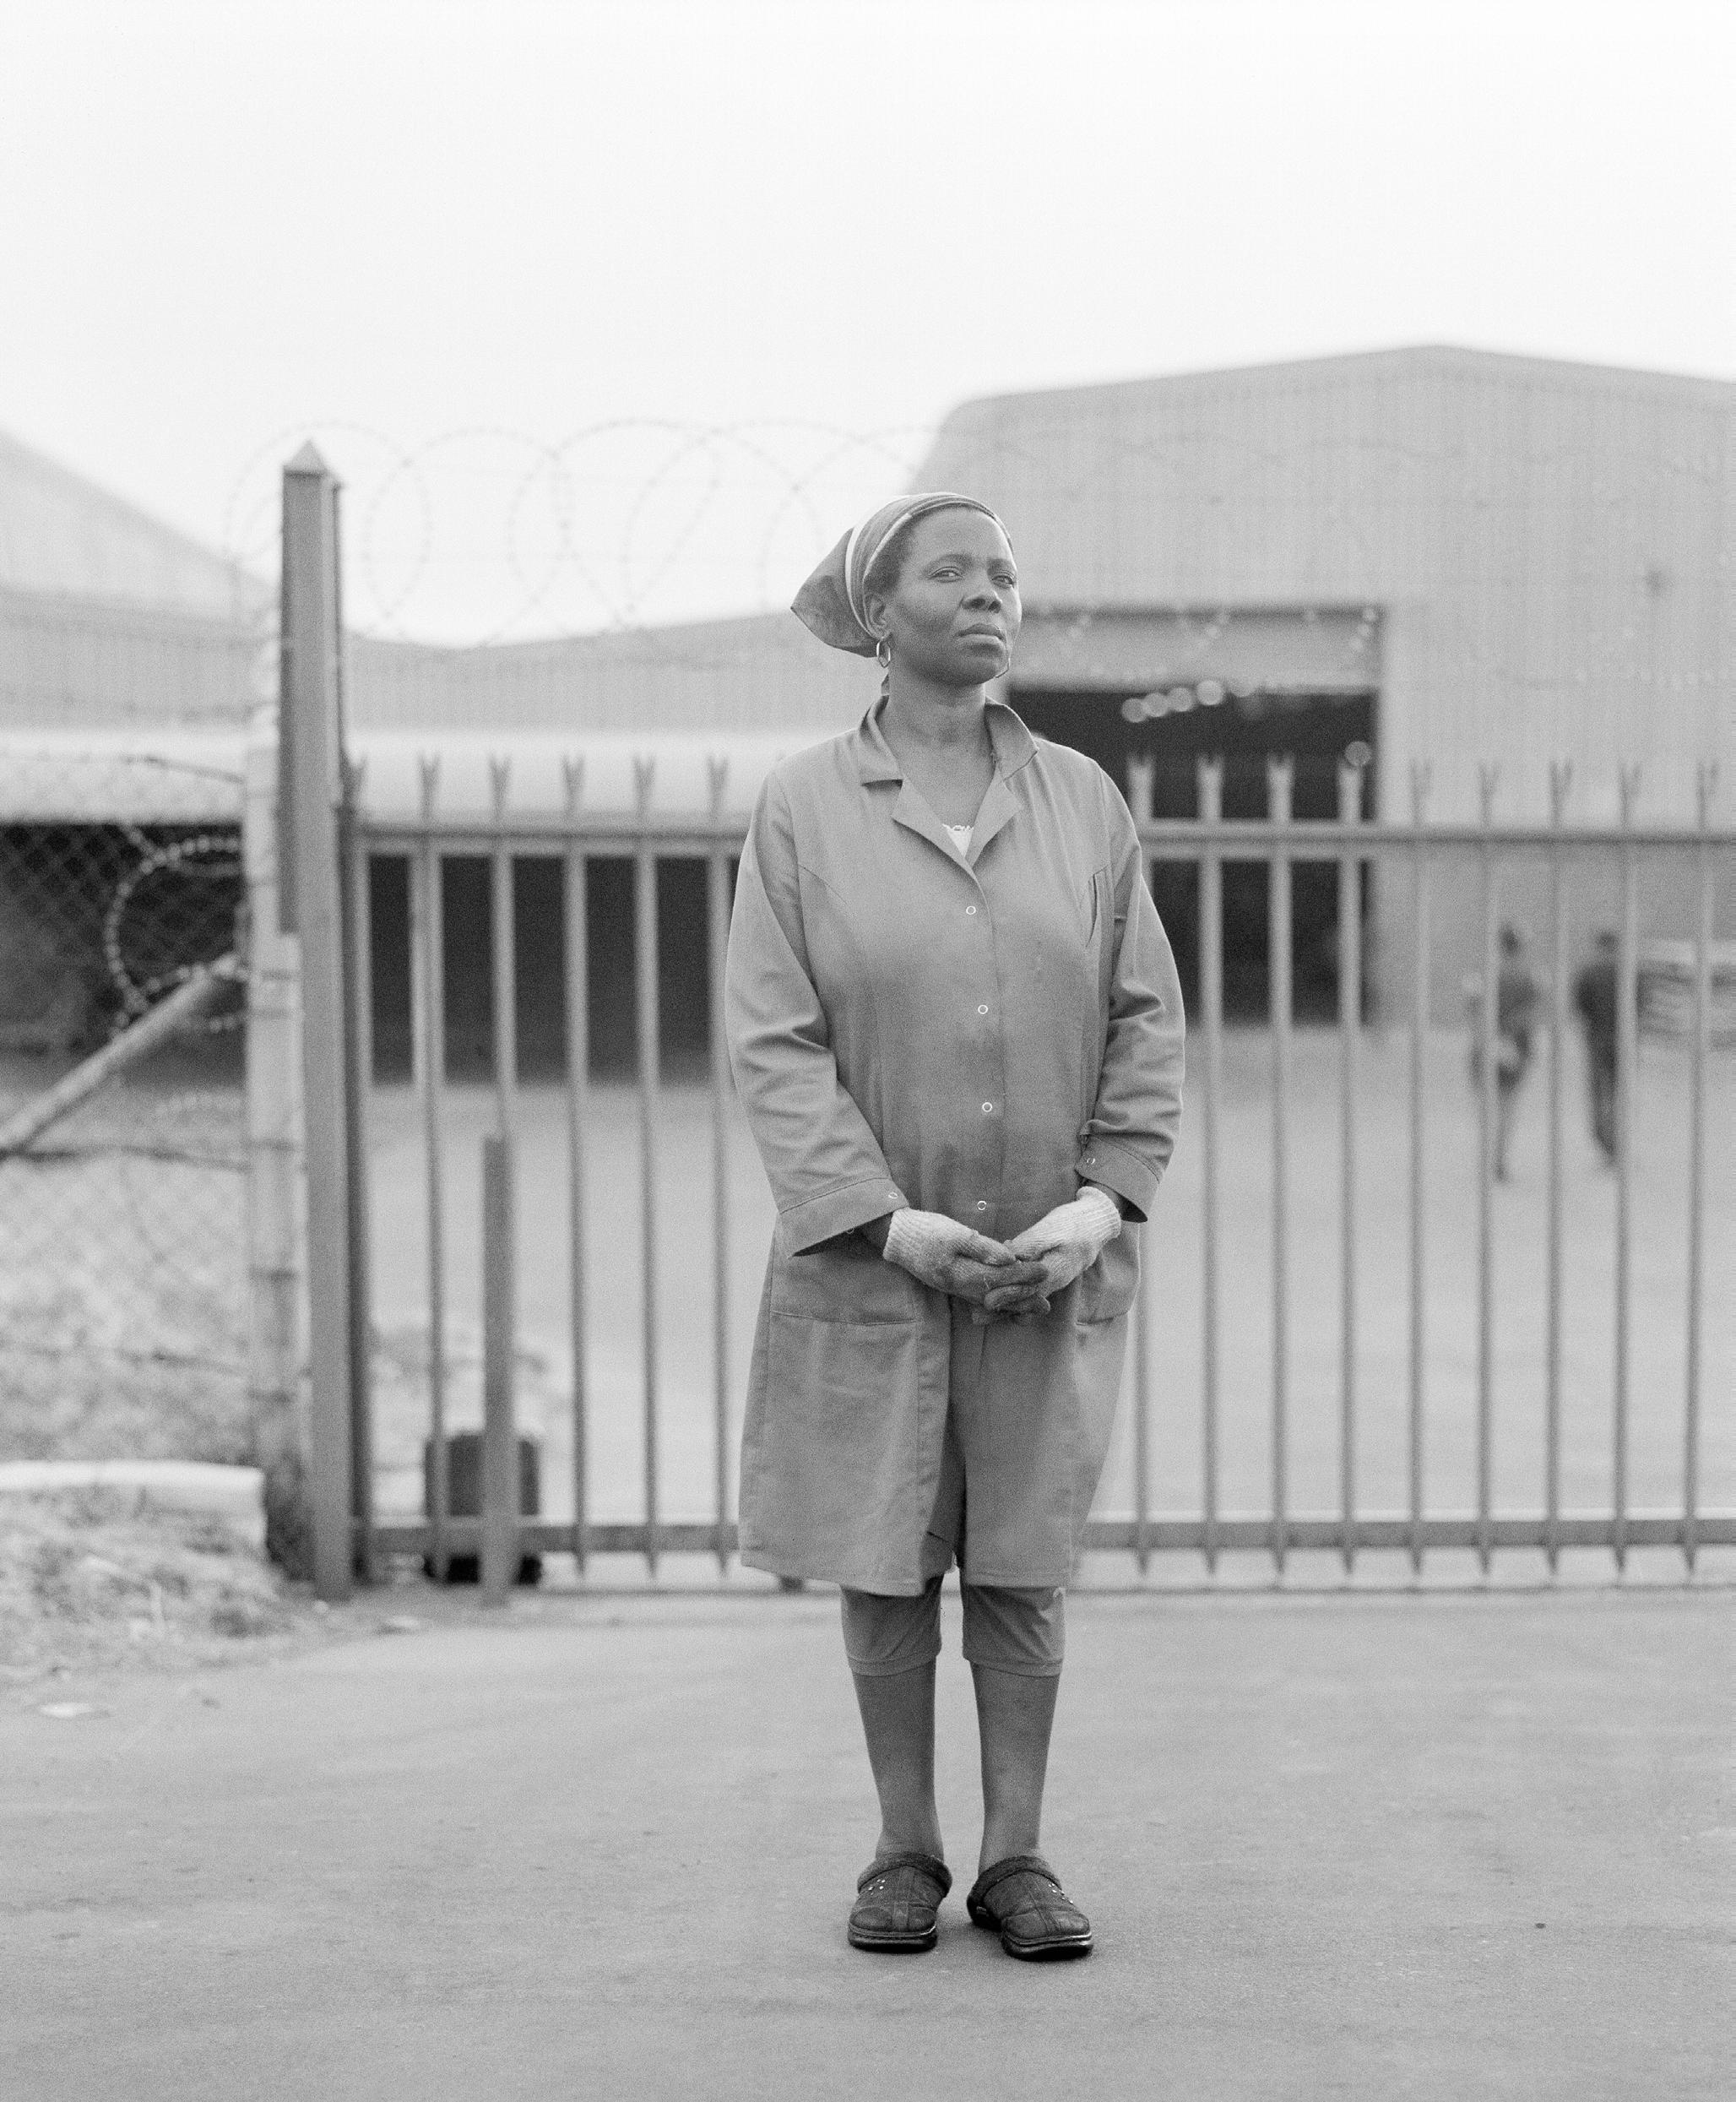 Tselane Adeline Lipali, outside Fu Chang textile company, Botshabelo, September 2009